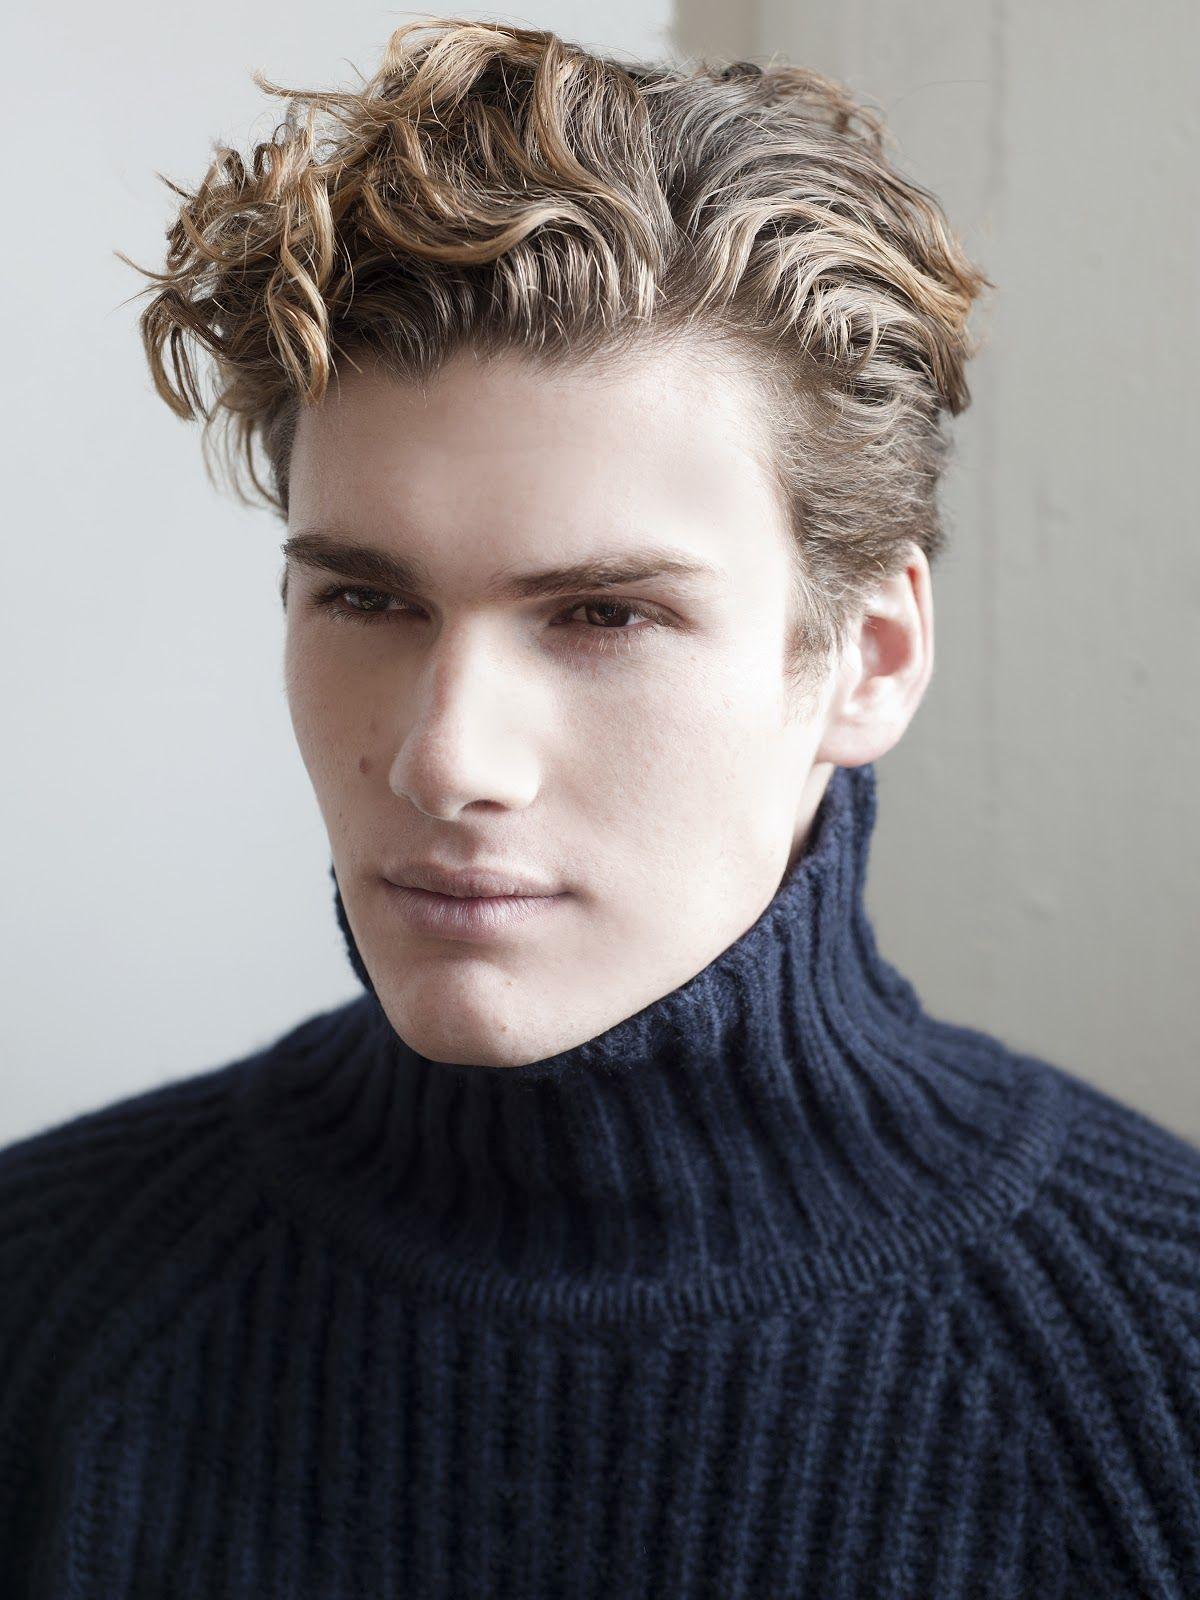 Matt Janssen By Scott Hoover With Images Men S Curly Hairstyles Curly Hair Men Wavy Hair Men